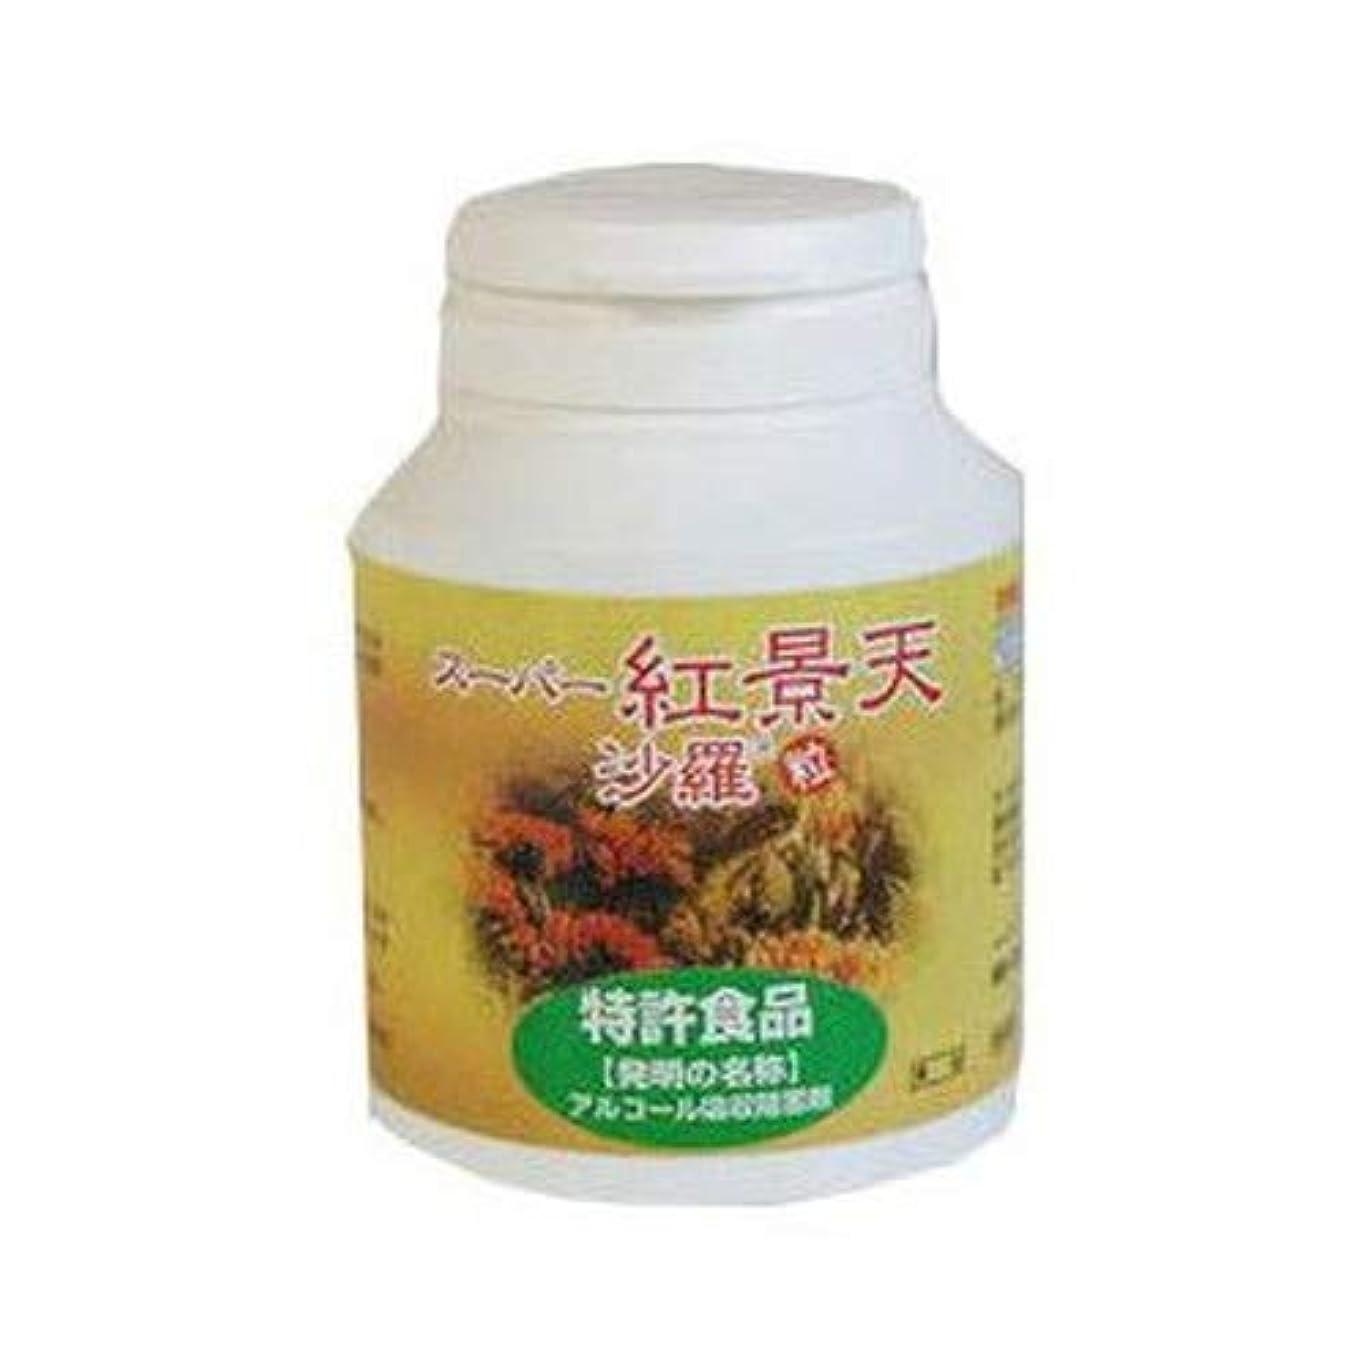 ジャパンヘルス スーパー紅景天沙羅 350粒